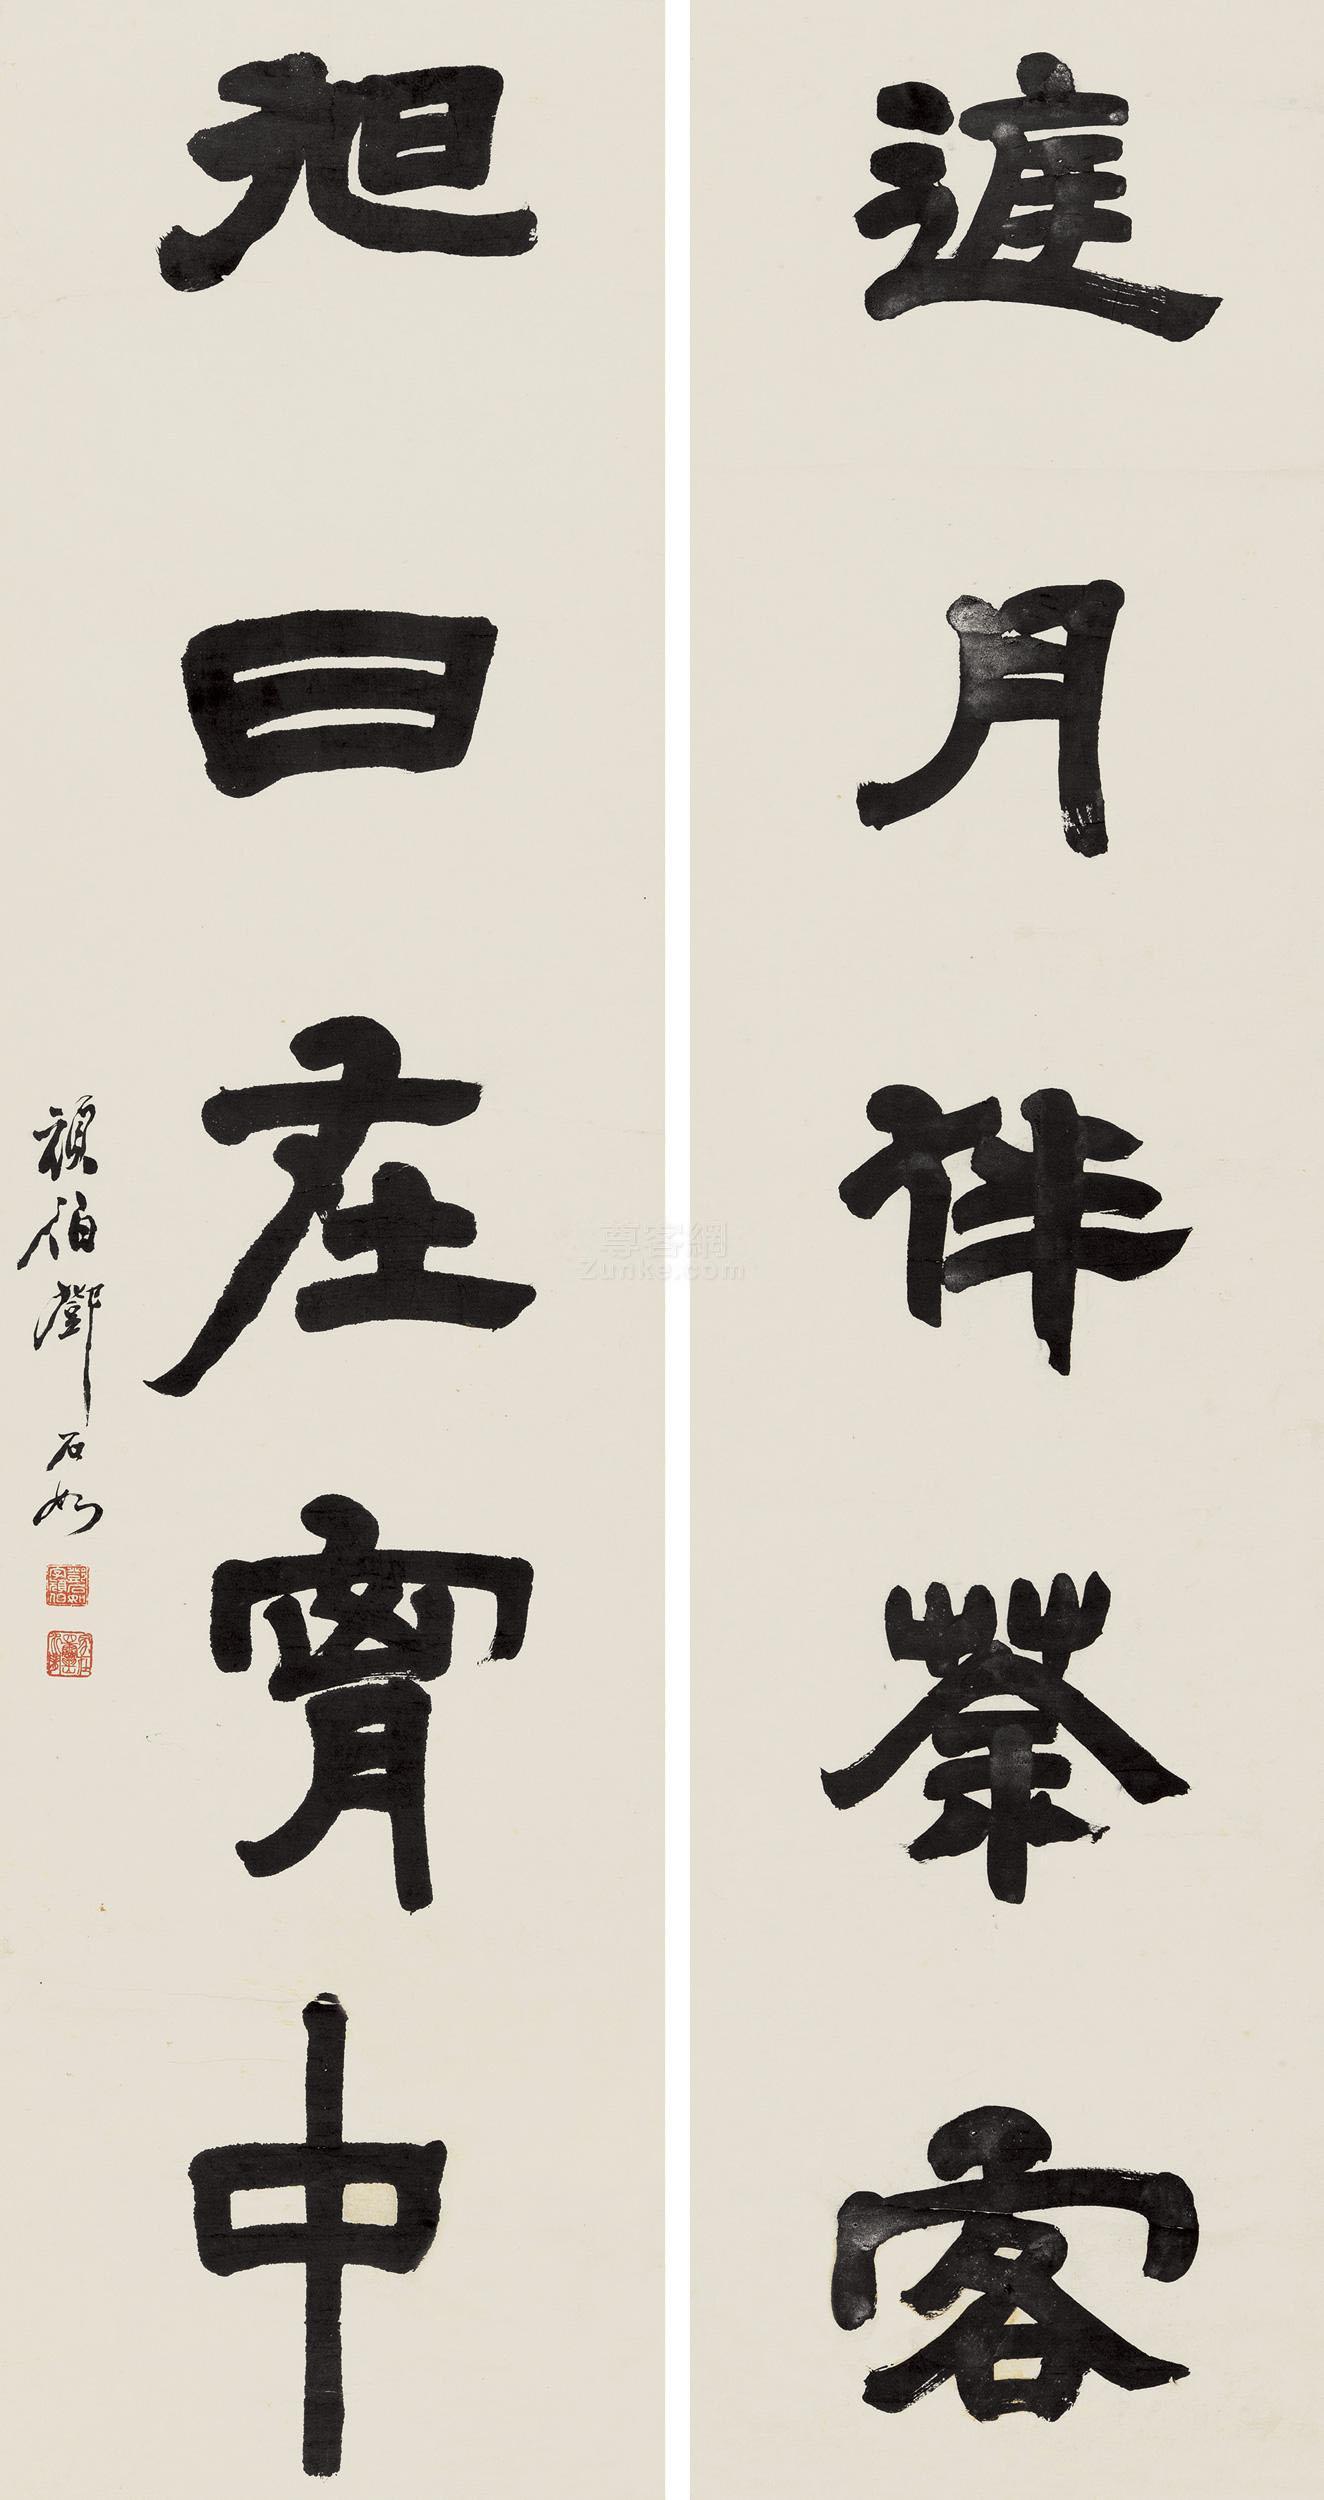 邓石如 邓石如 隶书五言联 立轴作品欣赏